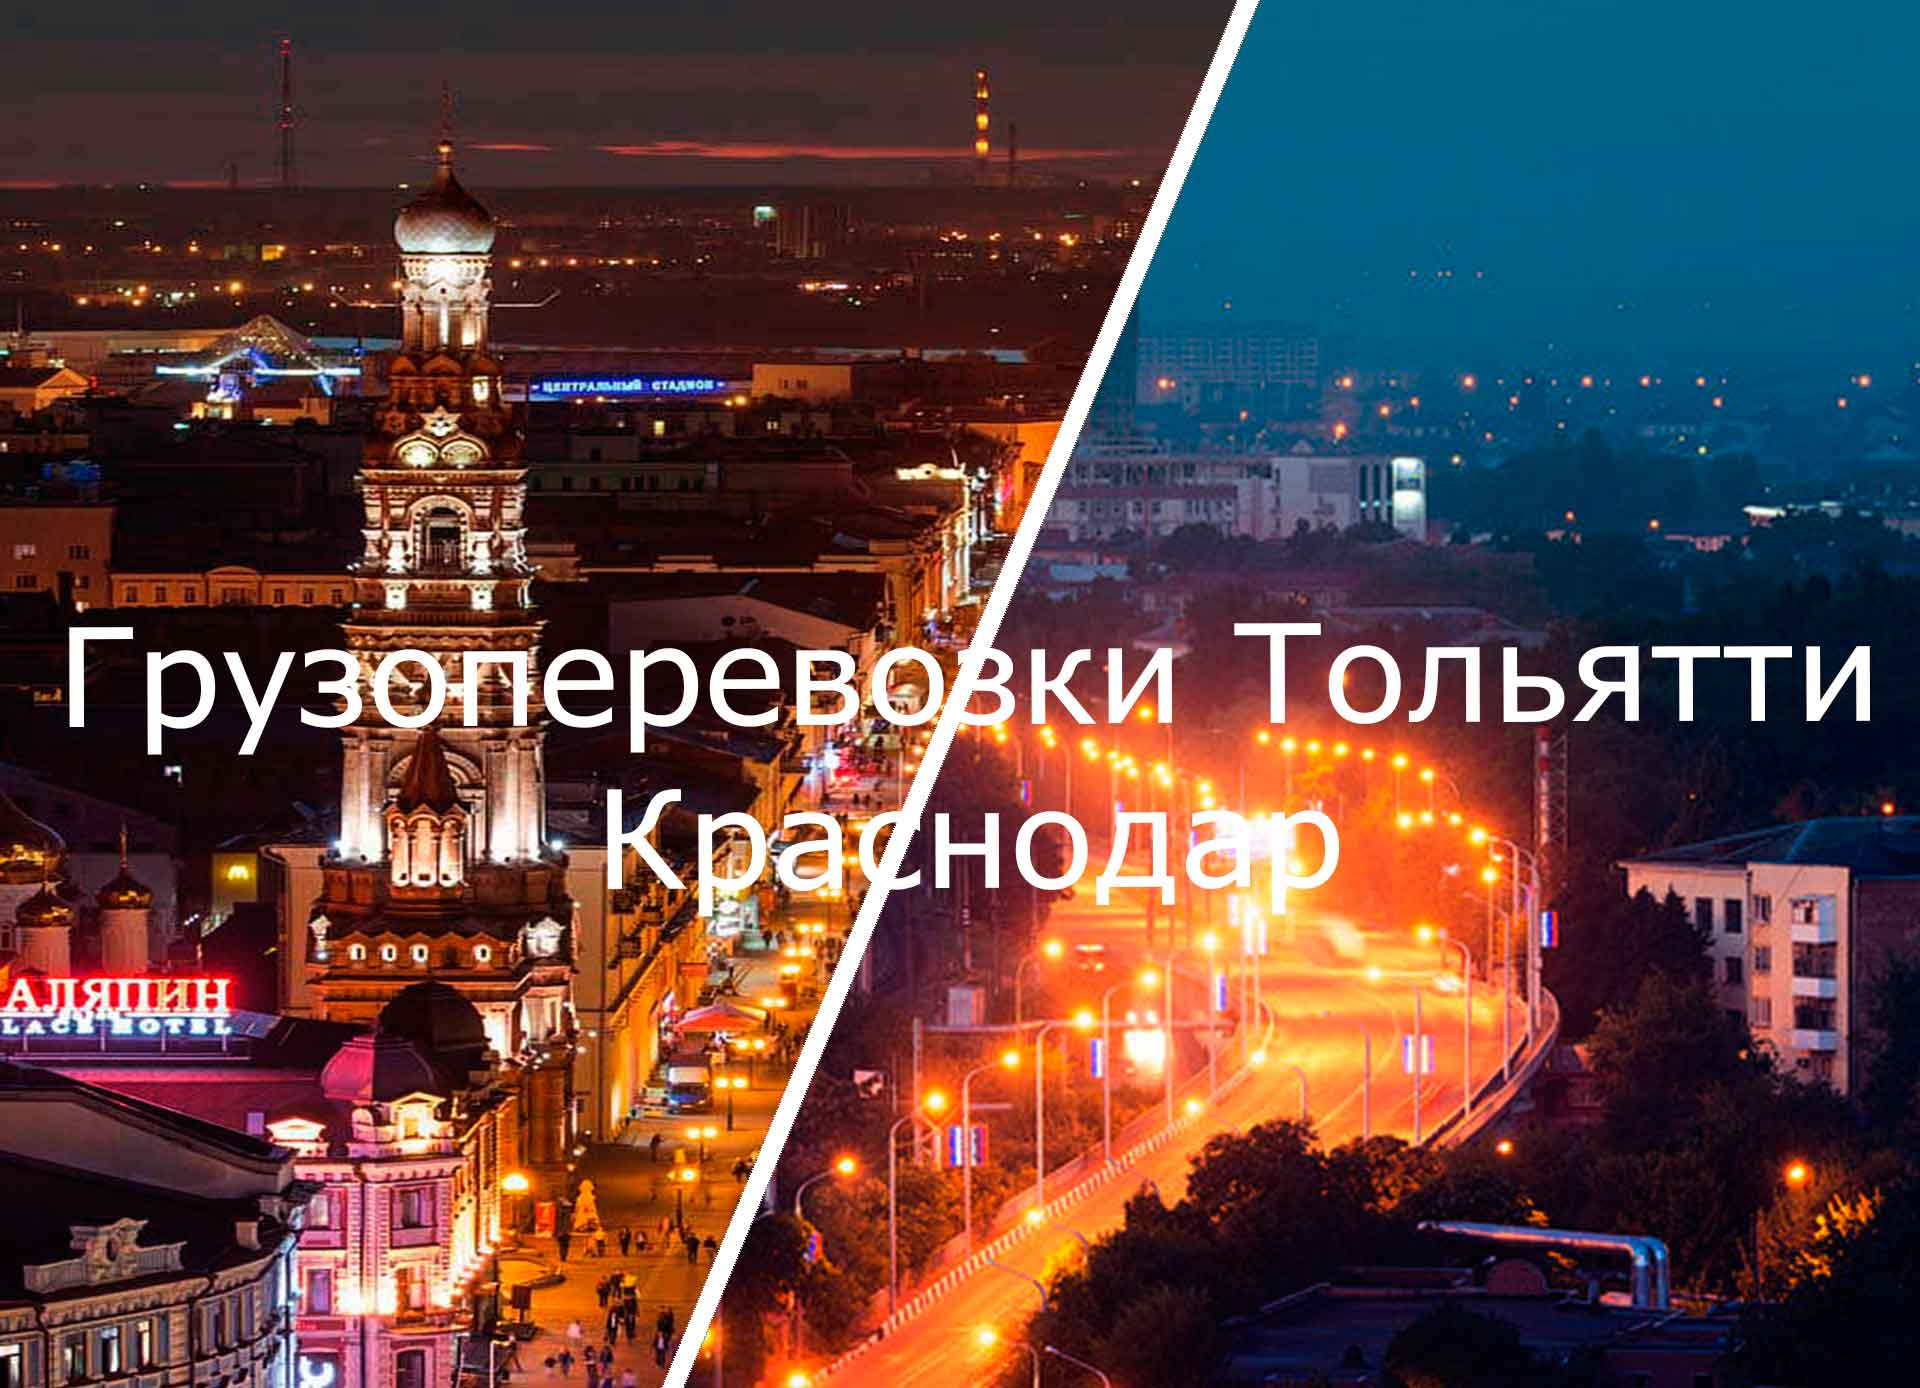 грузоперевозки тольятти краснодар